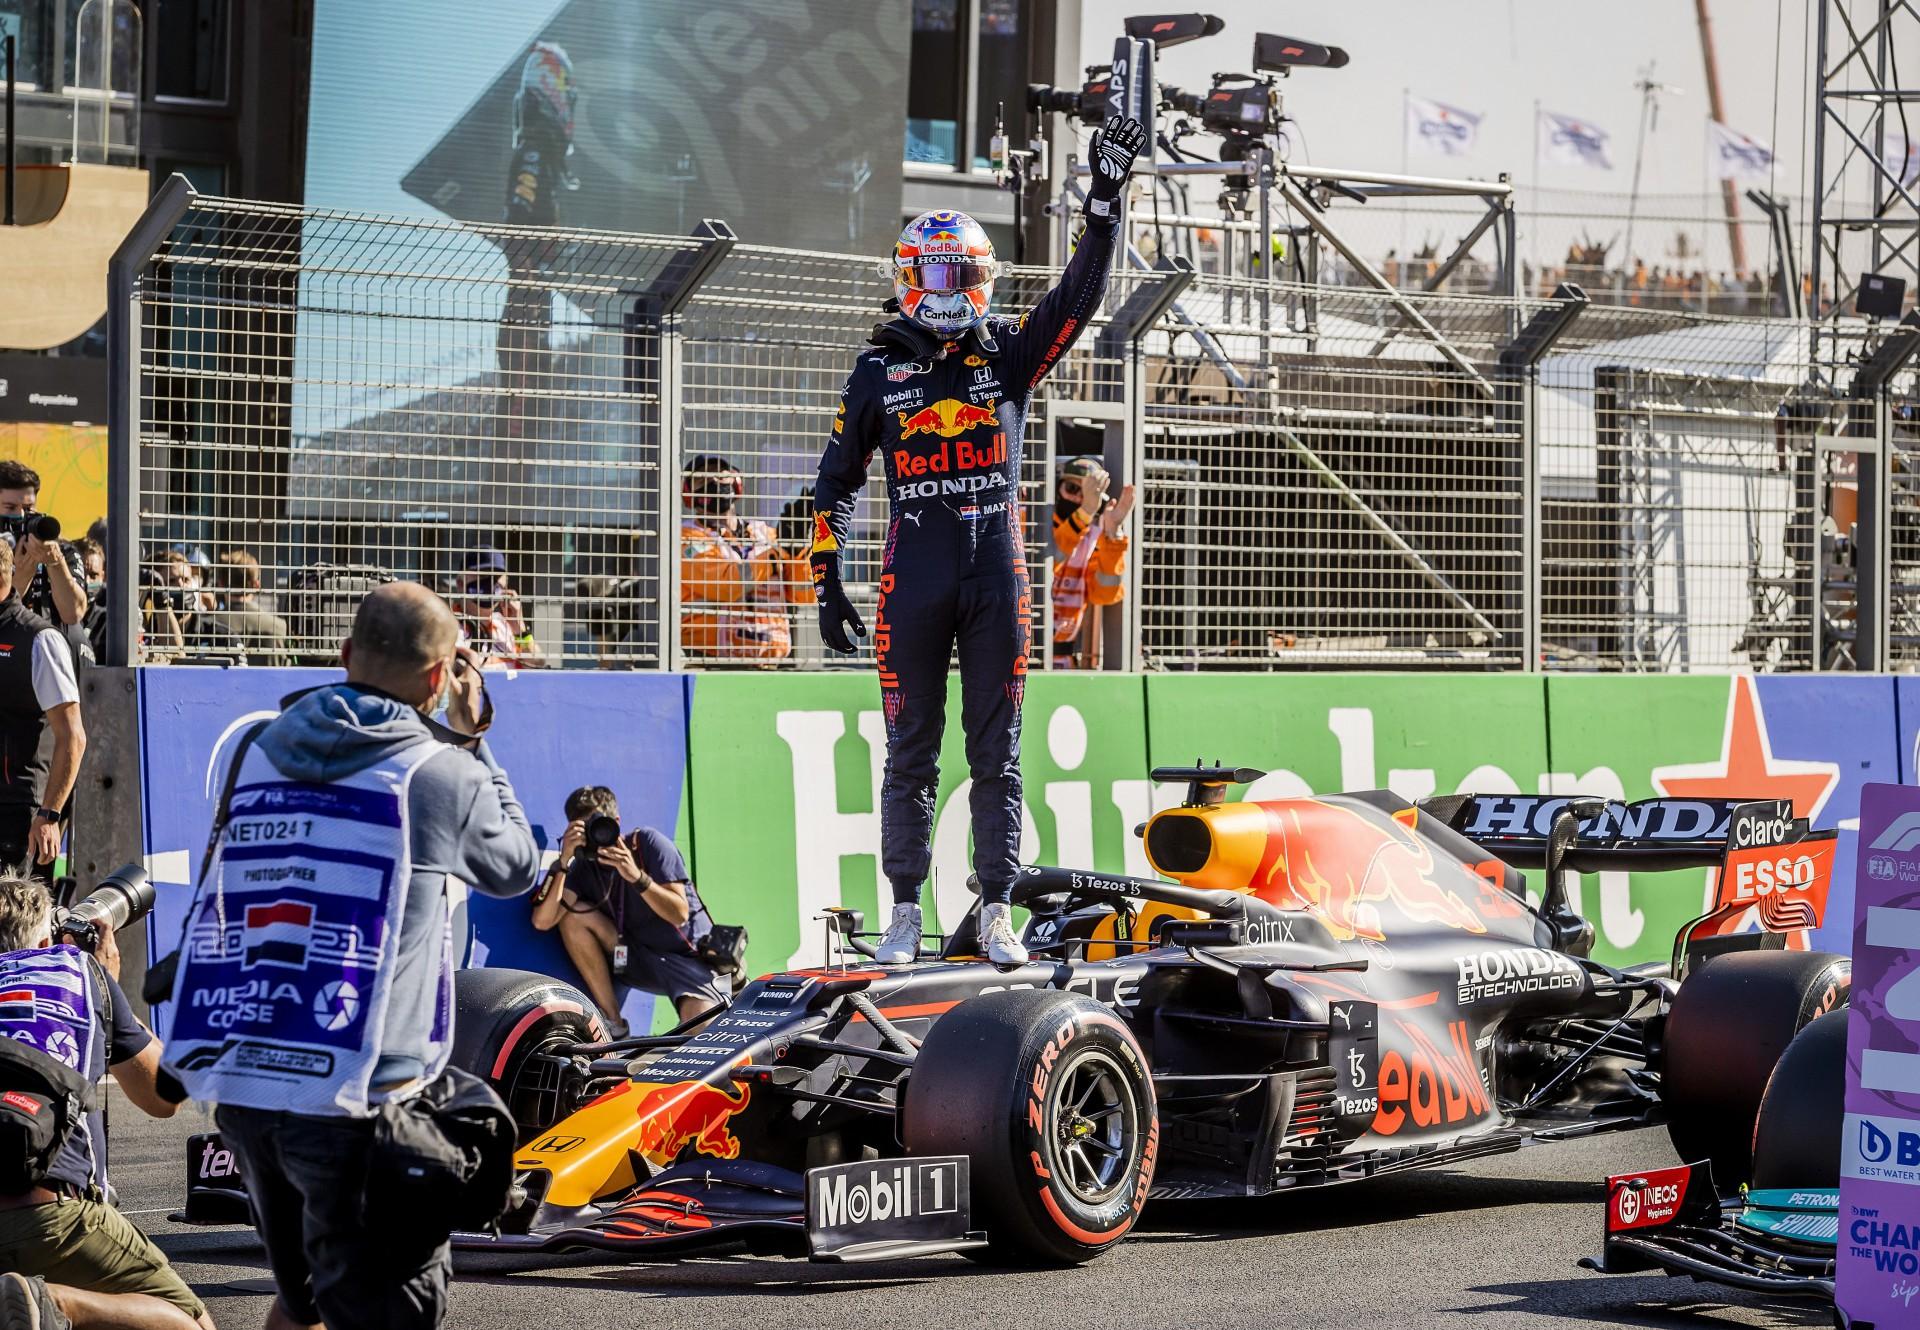 Com bela festa, Verstappen crava pole na Holanda e pode voltar à liderança da F-1